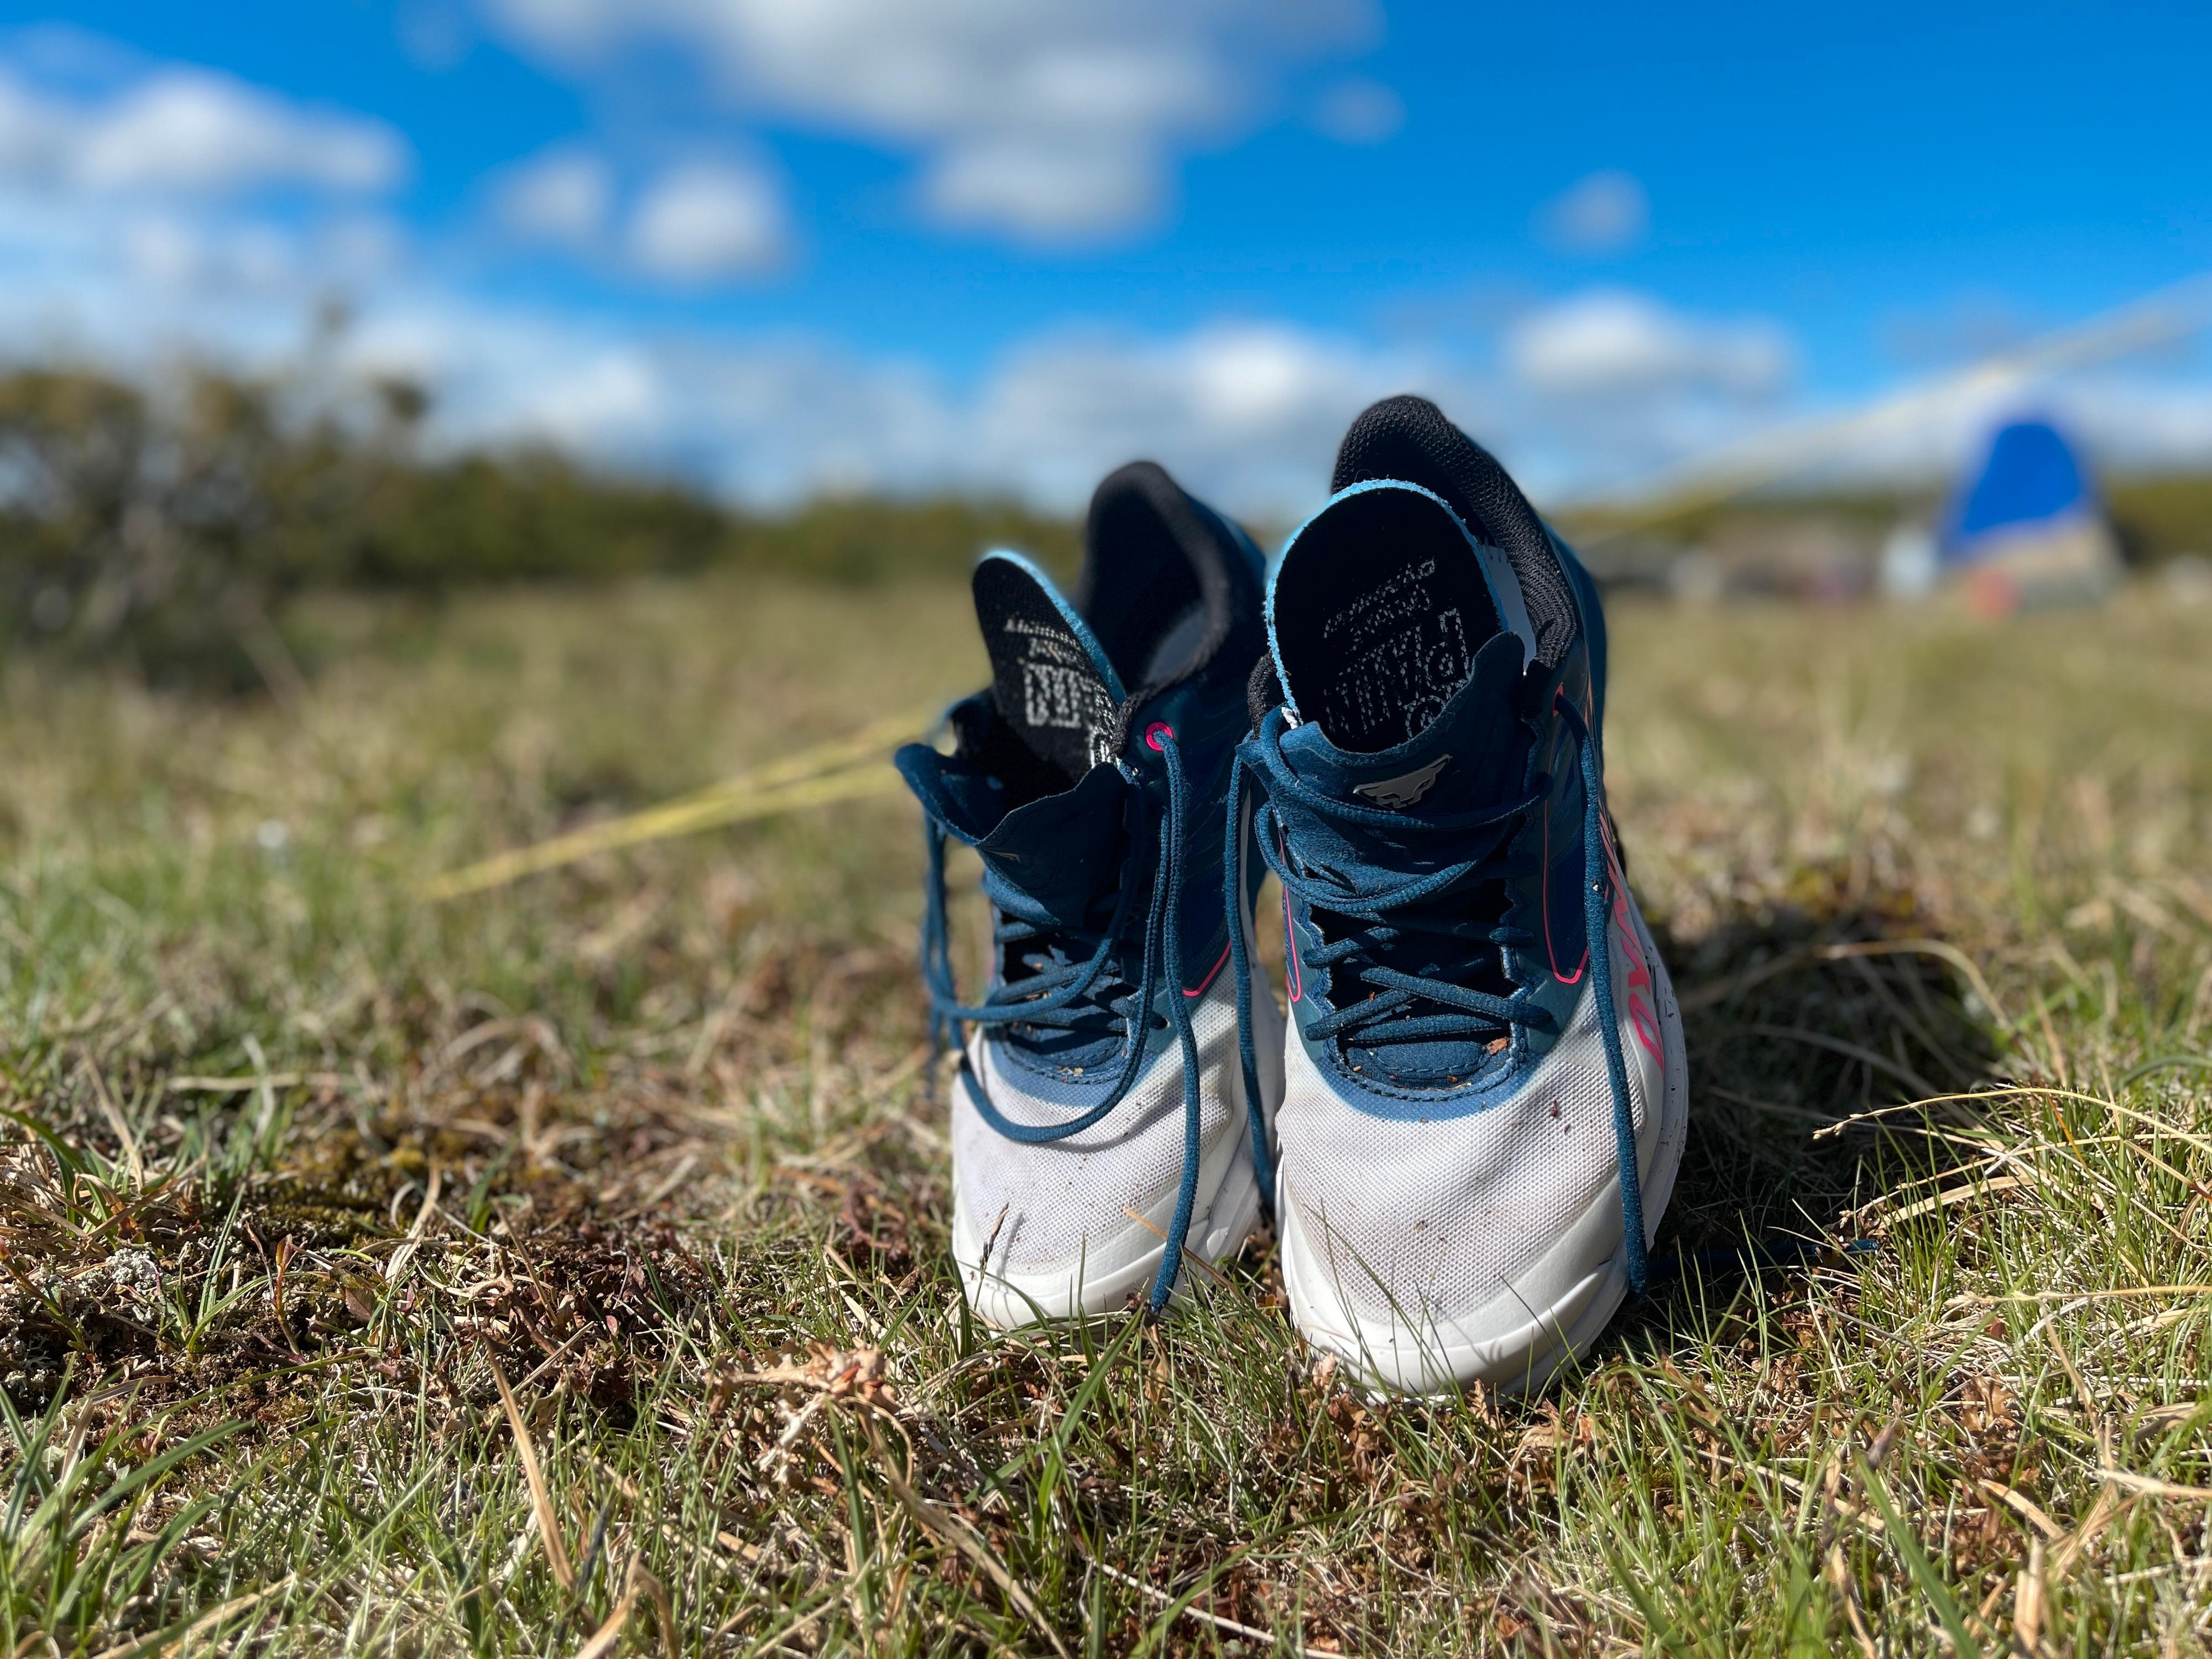 FORT SKITNE: Etter en langtur på 33 km så skoene slik ut. Her har de vært brukt i alle de tre terrengtypene: grus, sti og myr. De satt derimot som et skudd på foten og ga utrolig nok ikke et eneste gnagsår under hele turen.